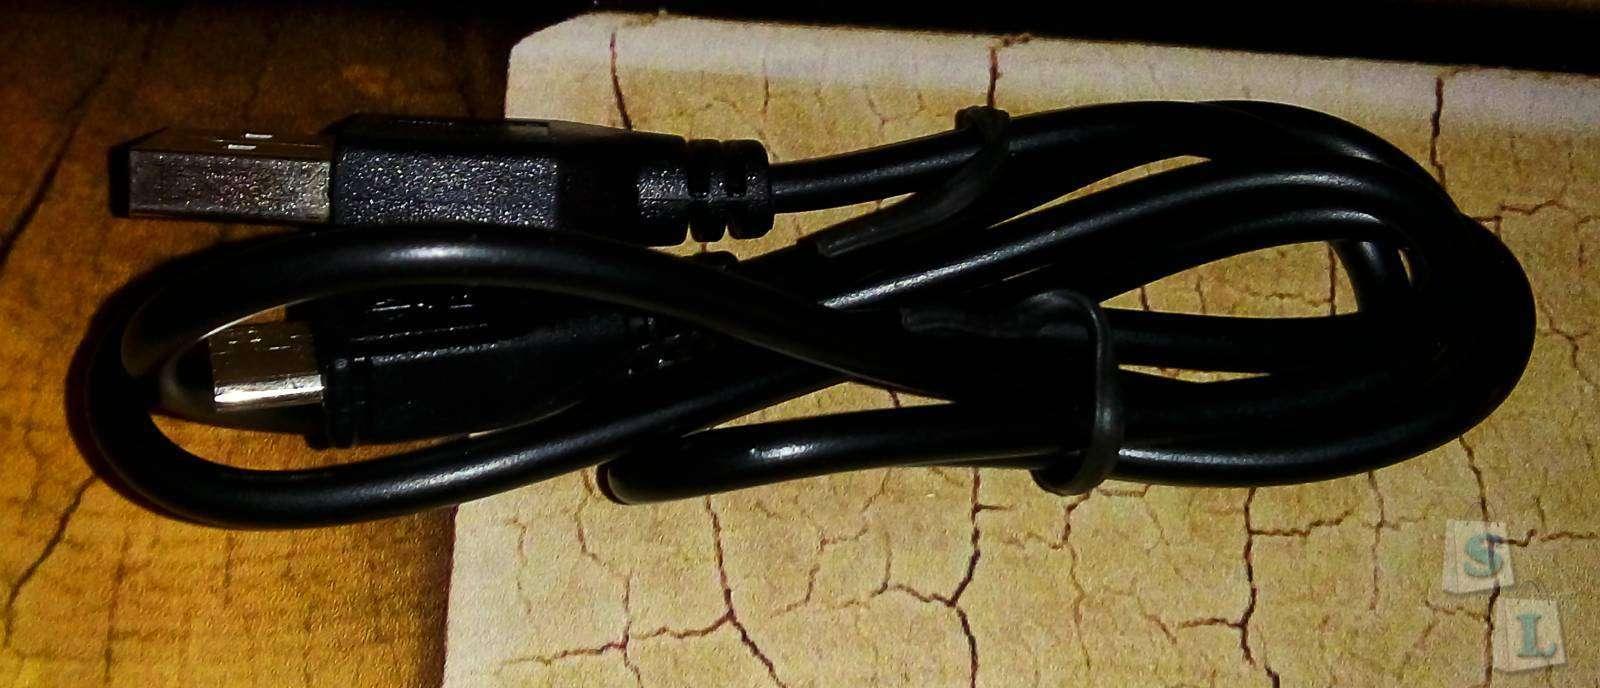 DealExtreme: USB LED Вентилятор - дуй и пиши